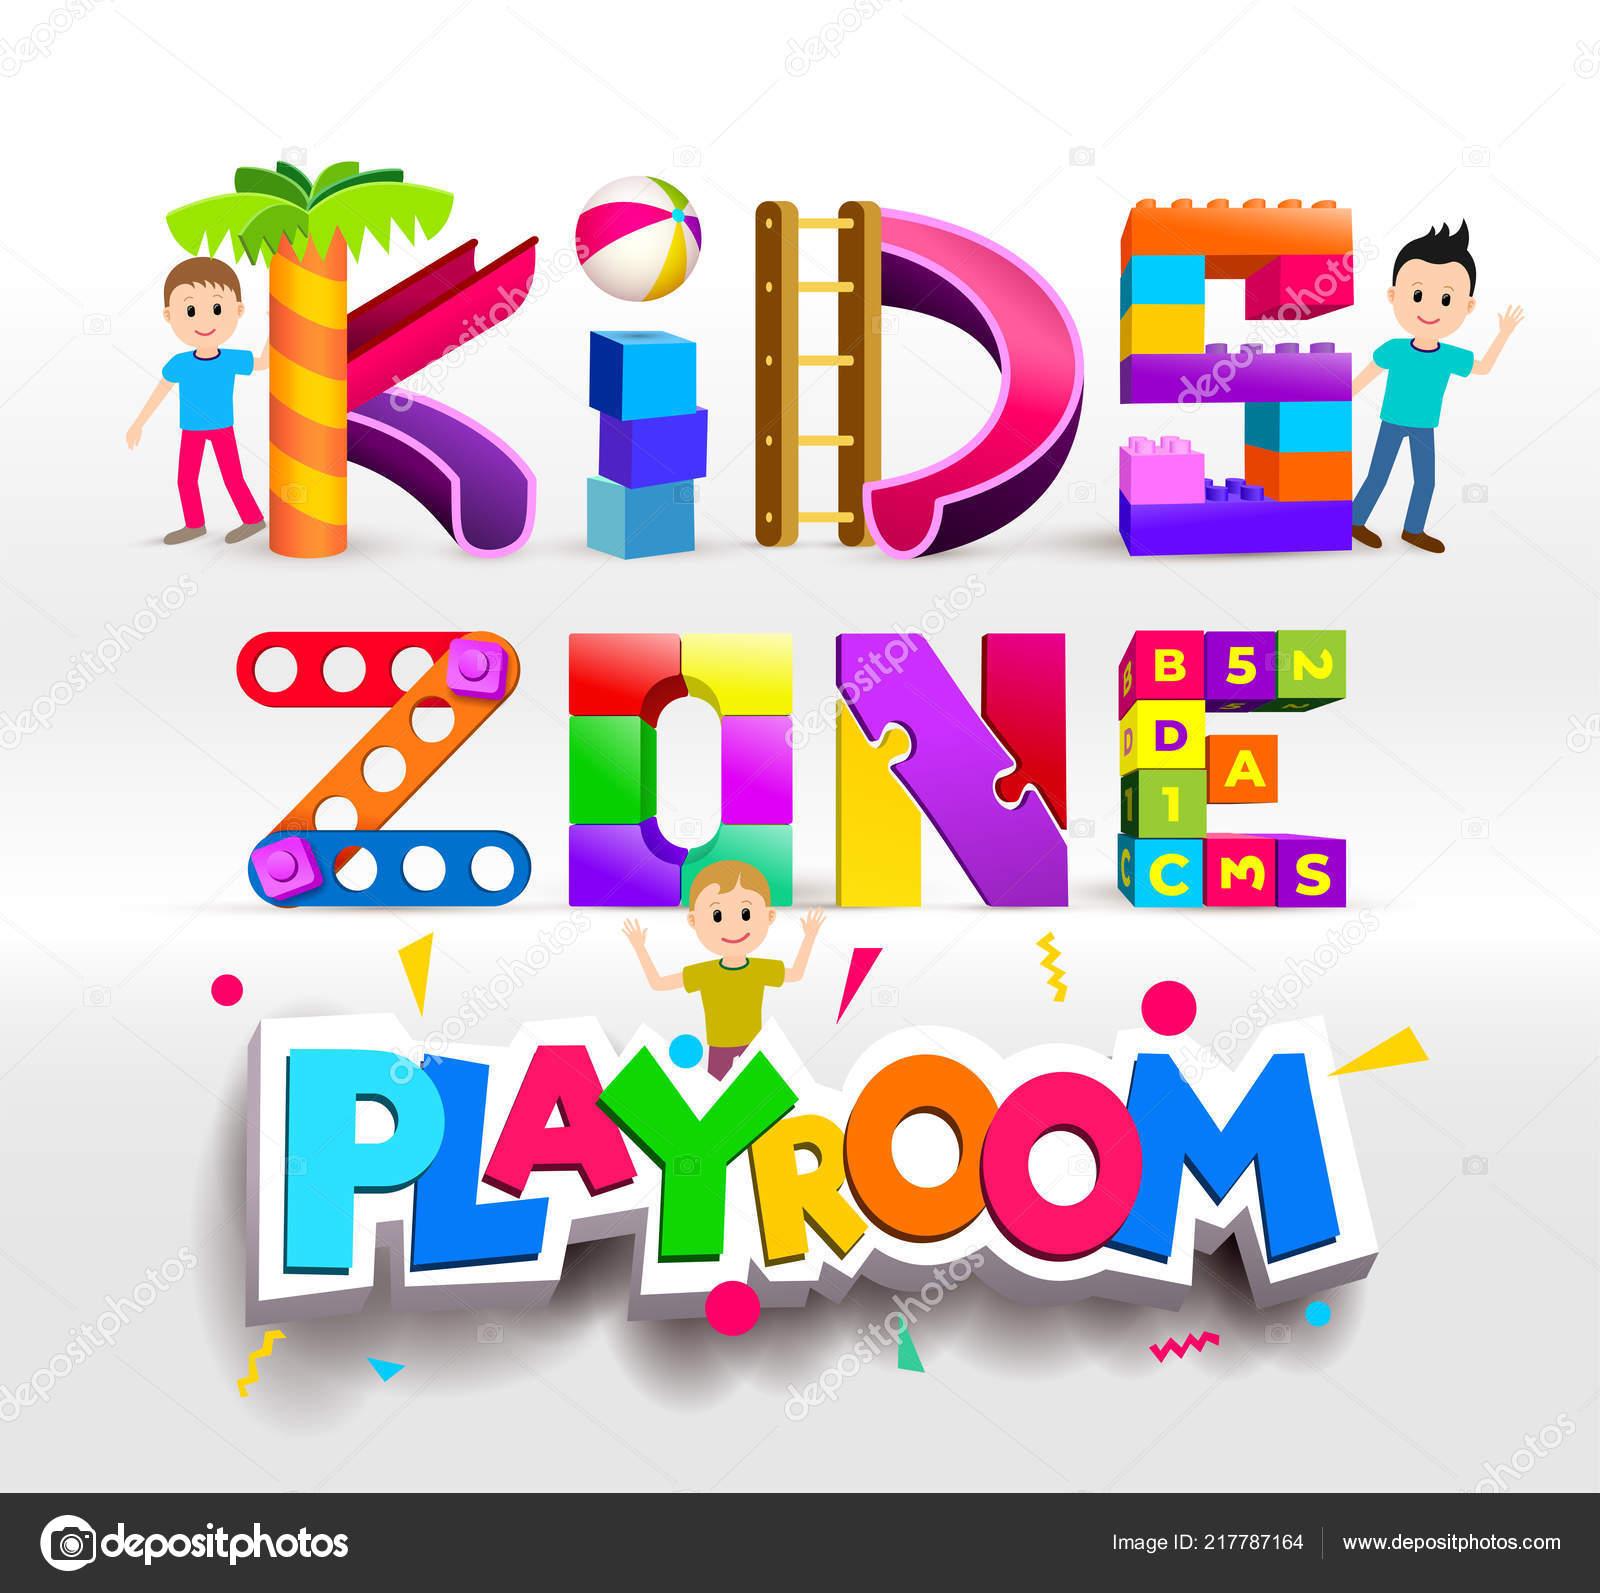 Disegni Sala Giochi Per Bambini Disegno Marchio Zona Sala Giochi